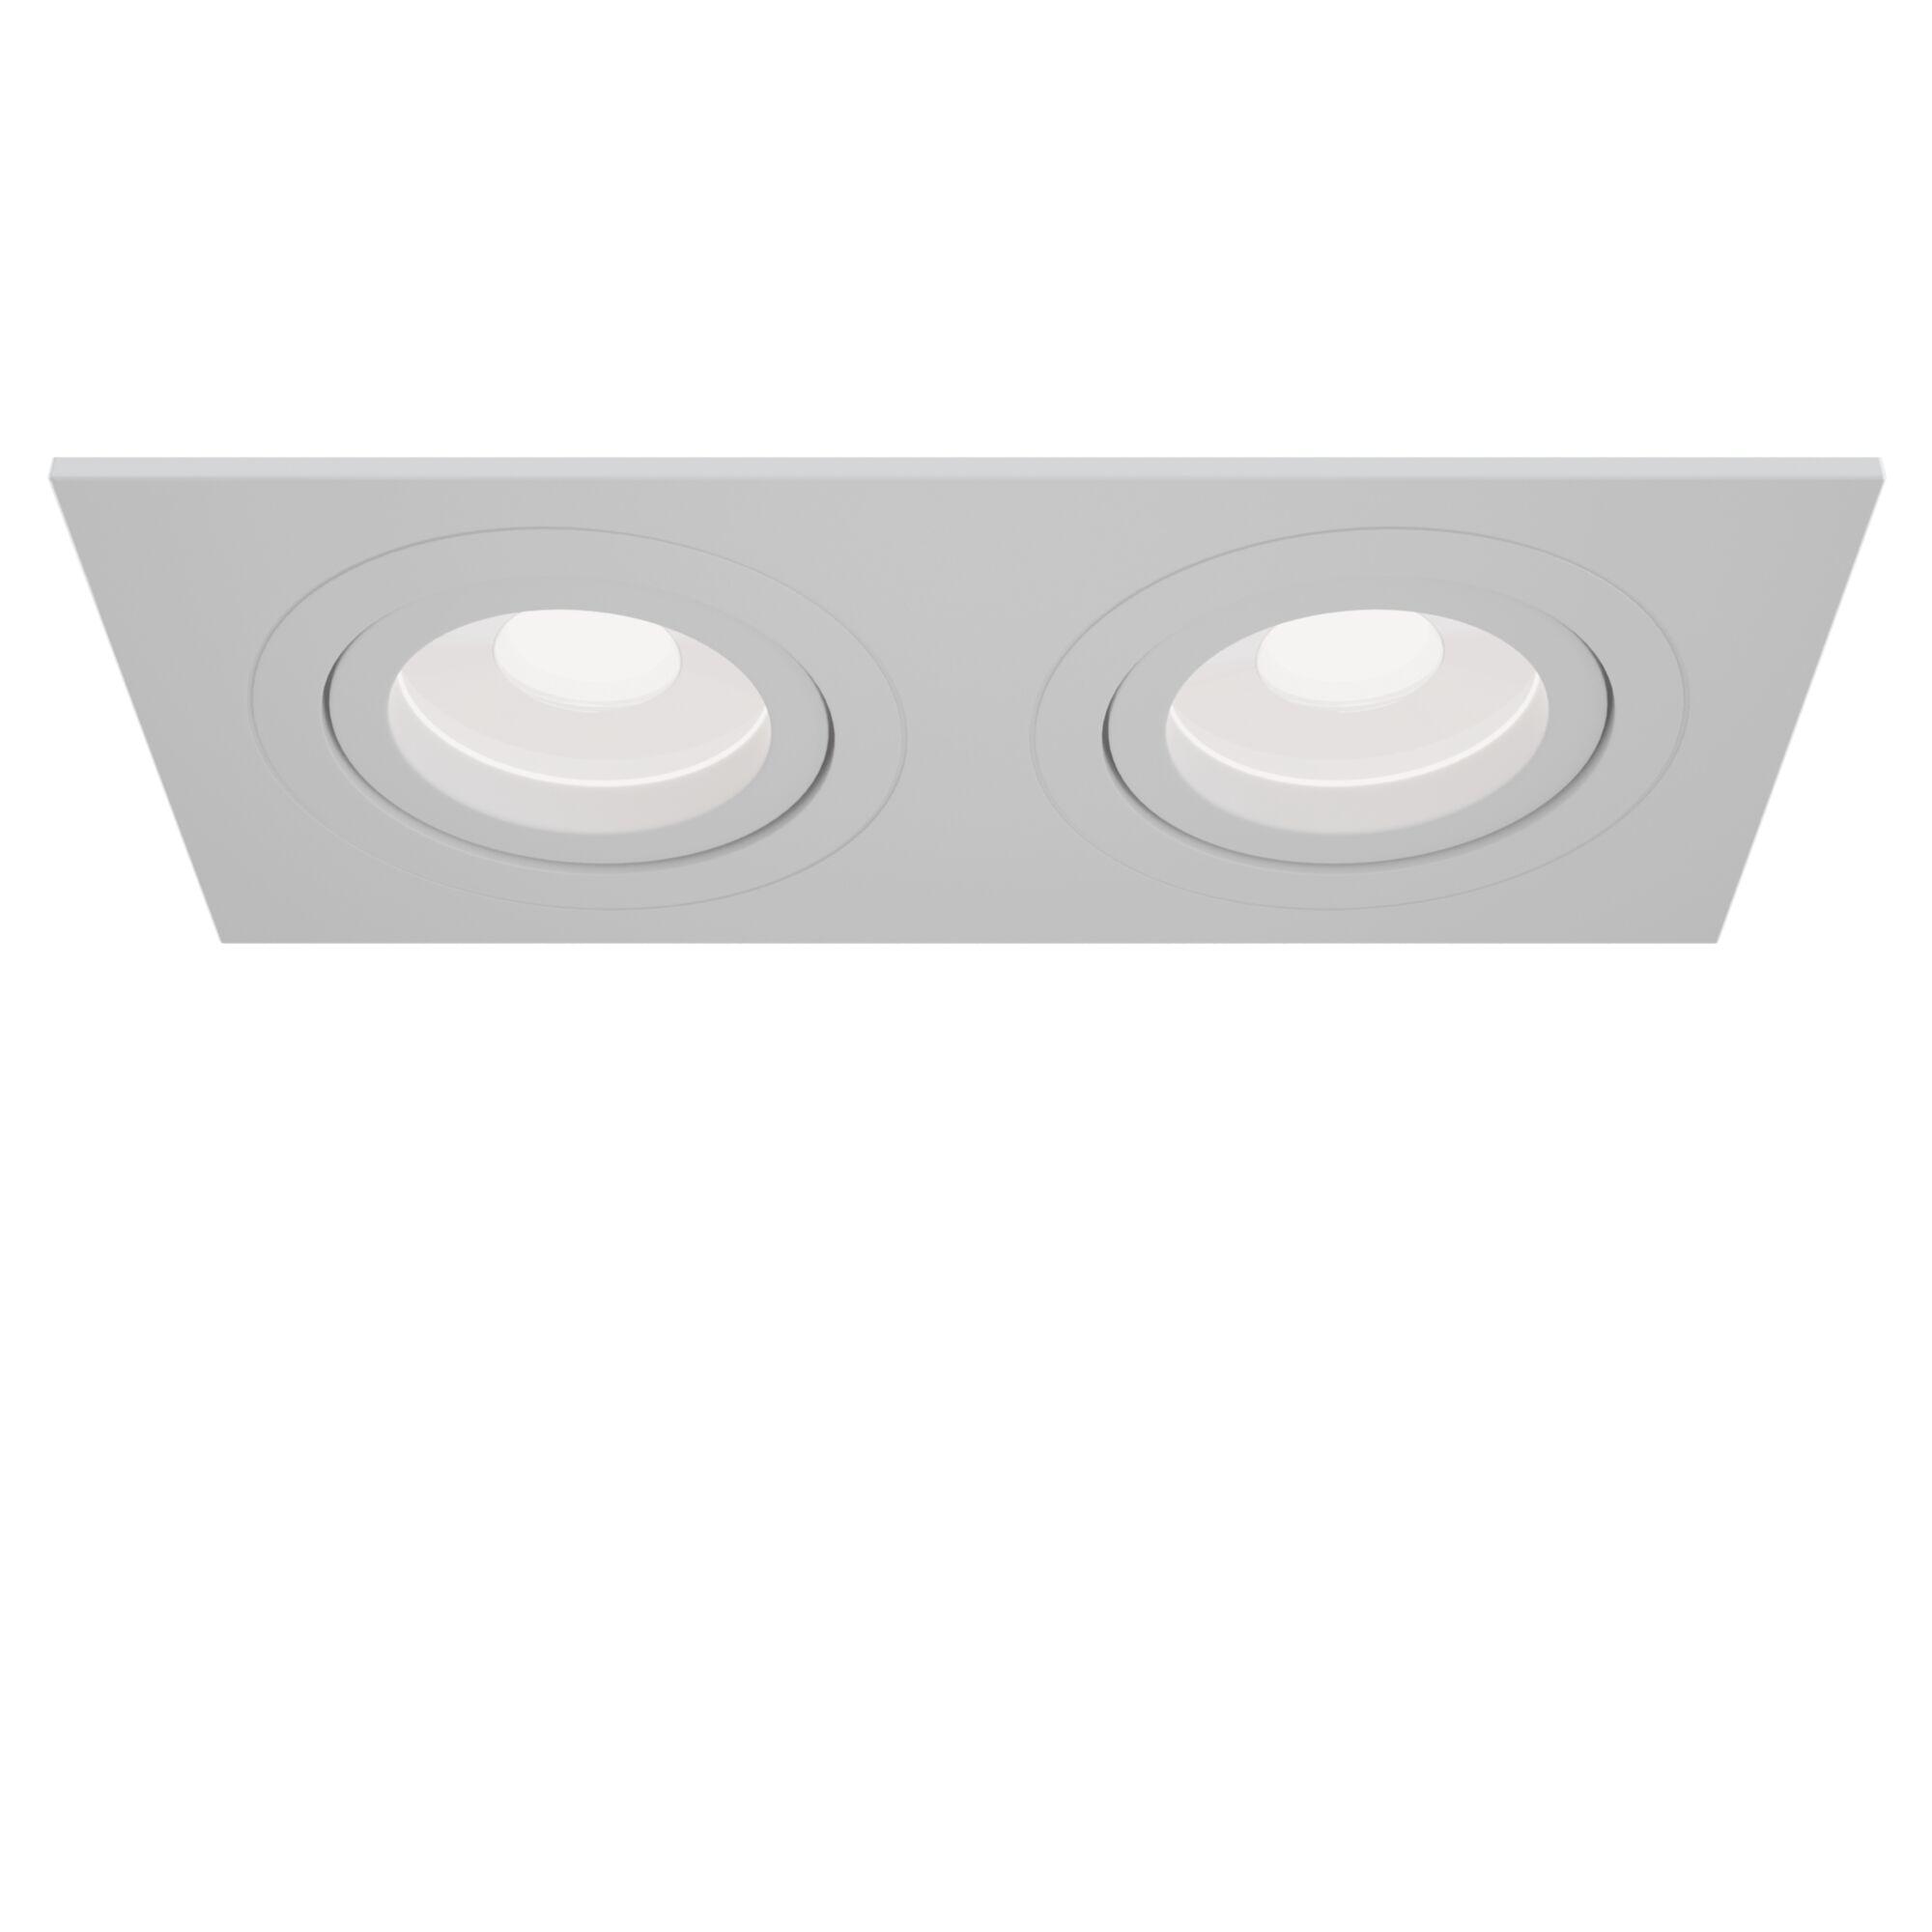 Встраиваемый светильник Maytoni DL024-2-02W недорого